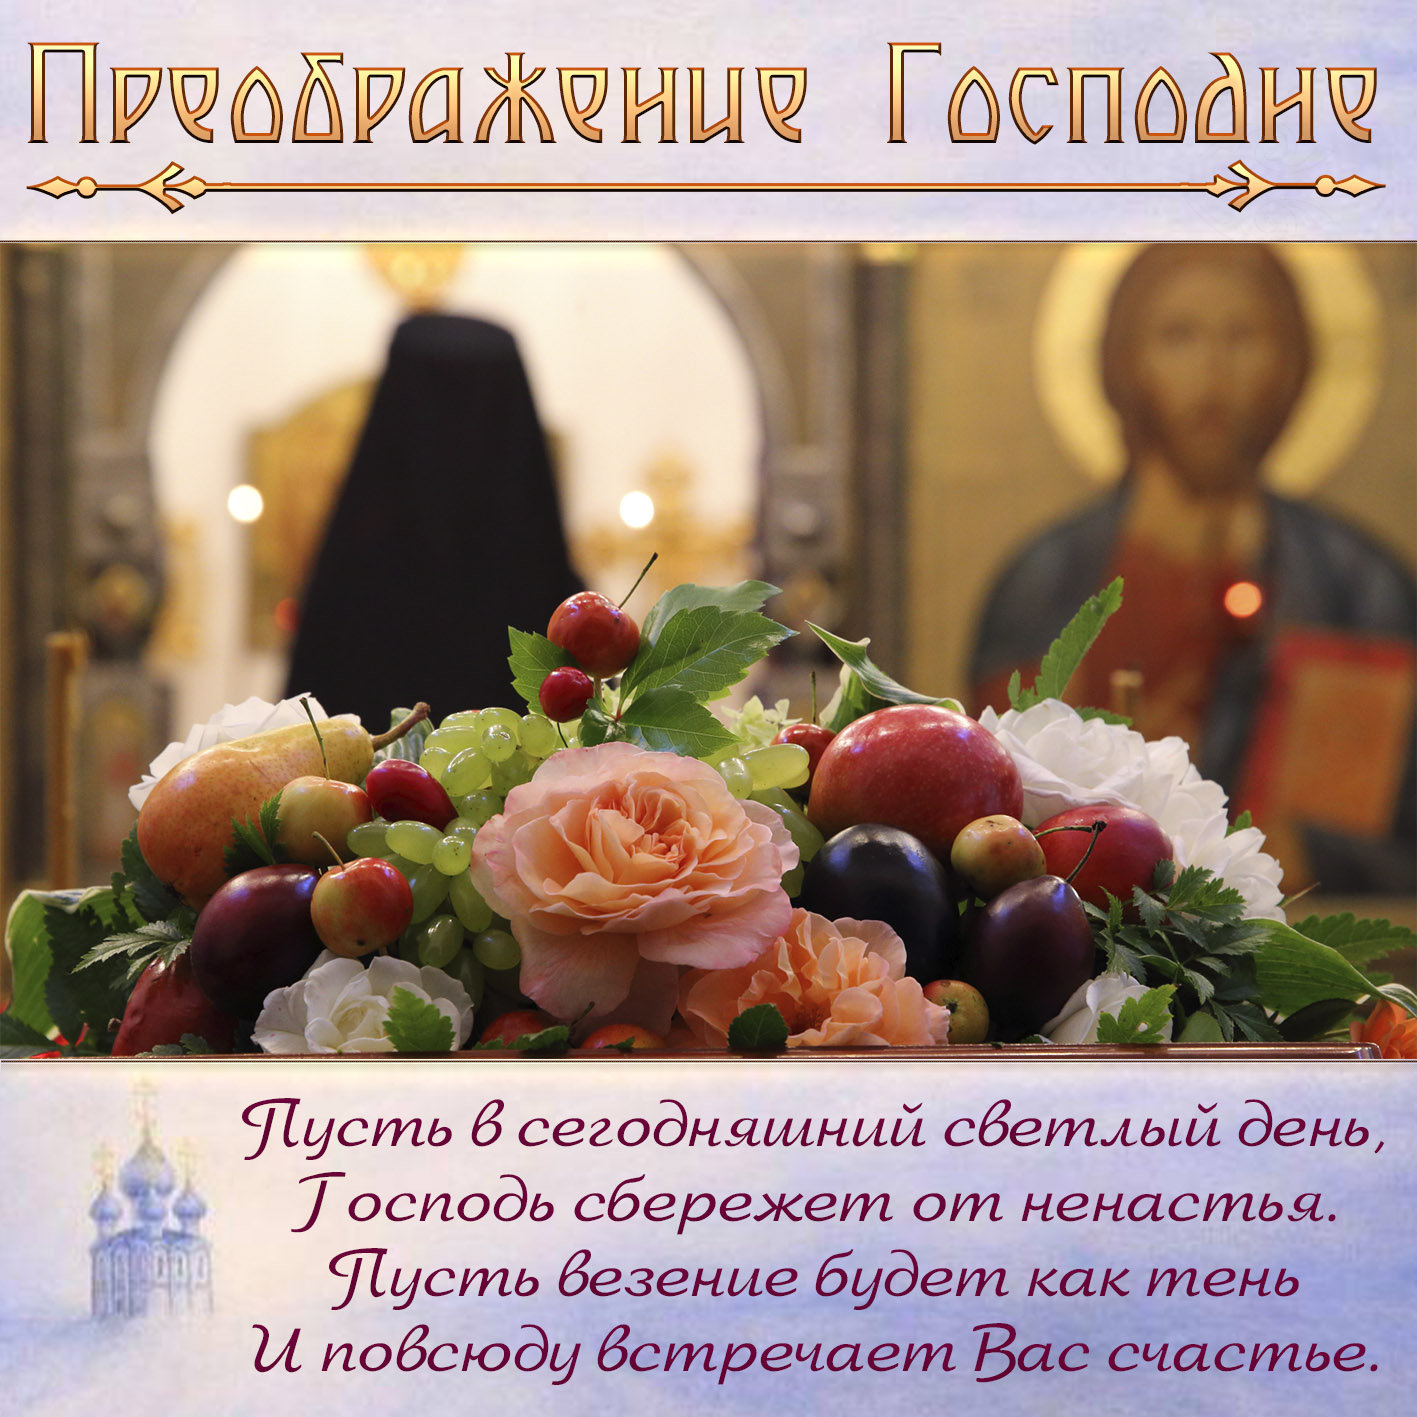 Открытка - красивое поздравление с Преображением Господним